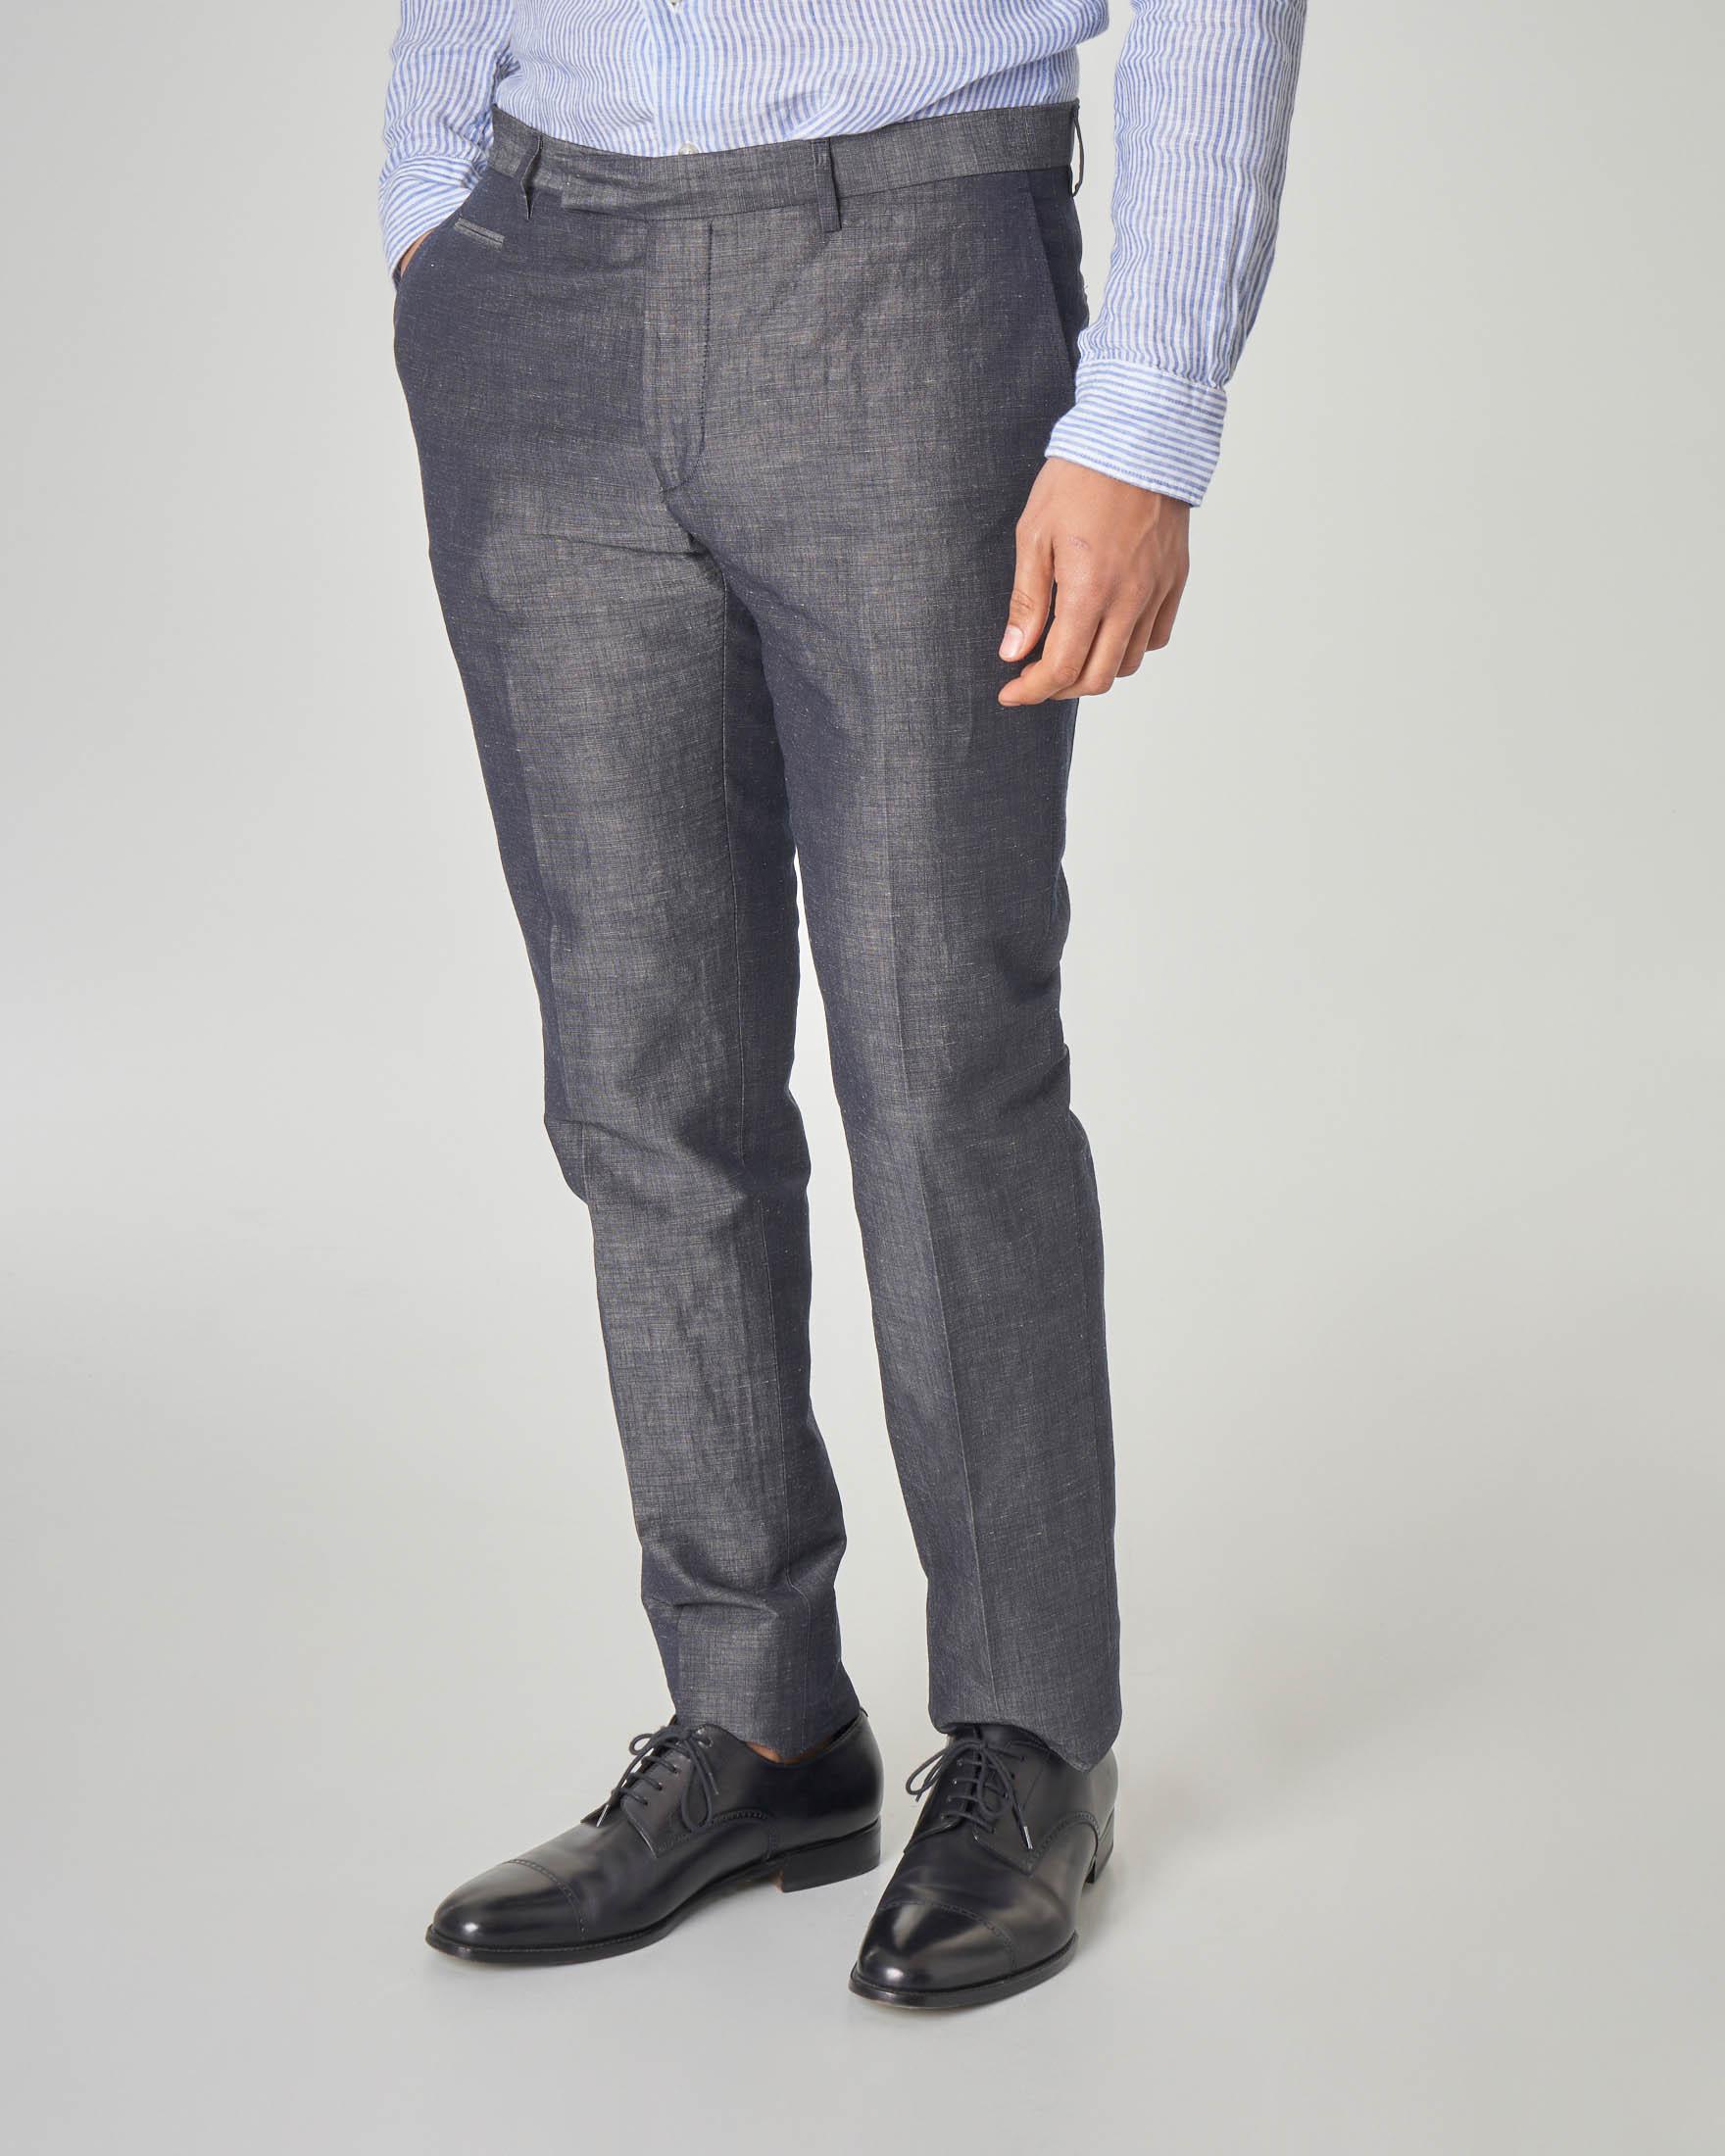 Pantalone grigio in cotone e lino